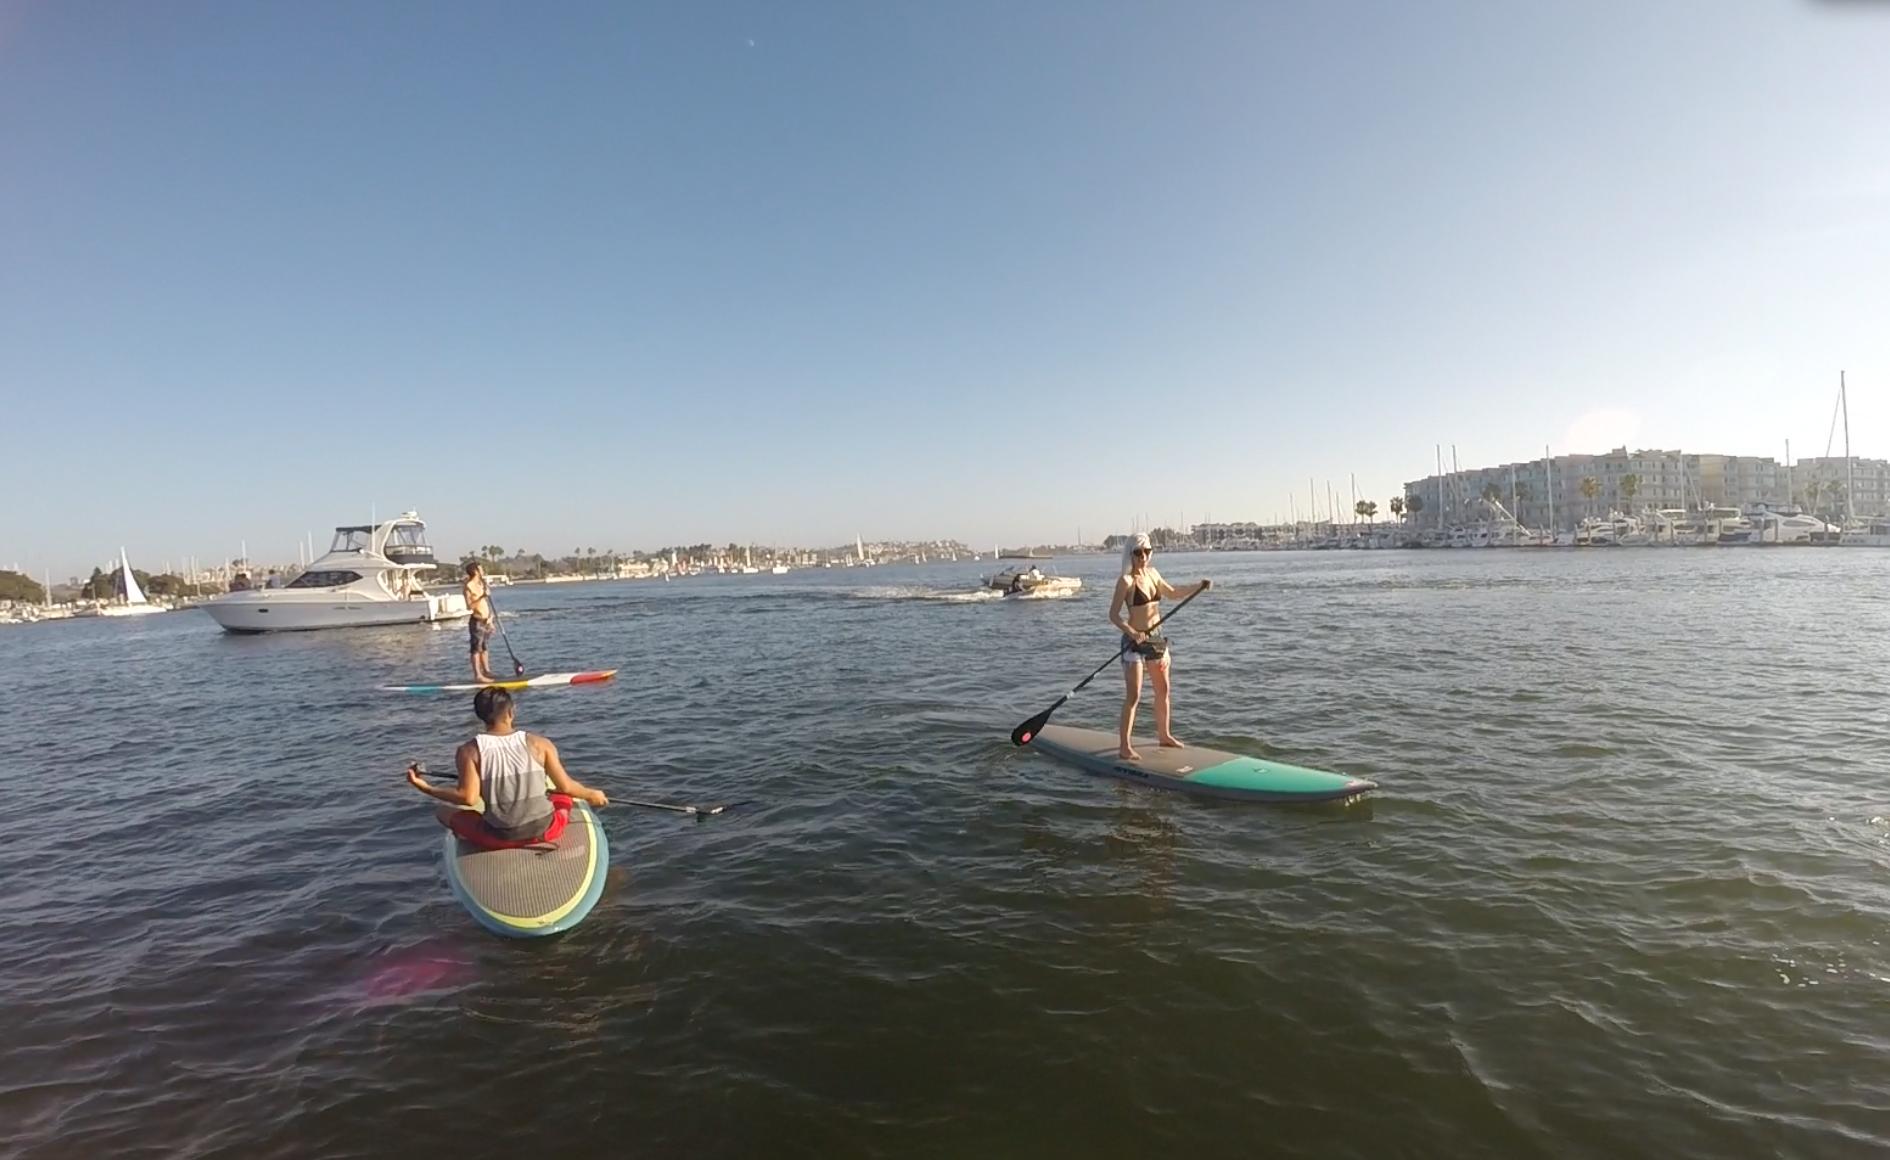 Paddleboarding in Marina Del Rey